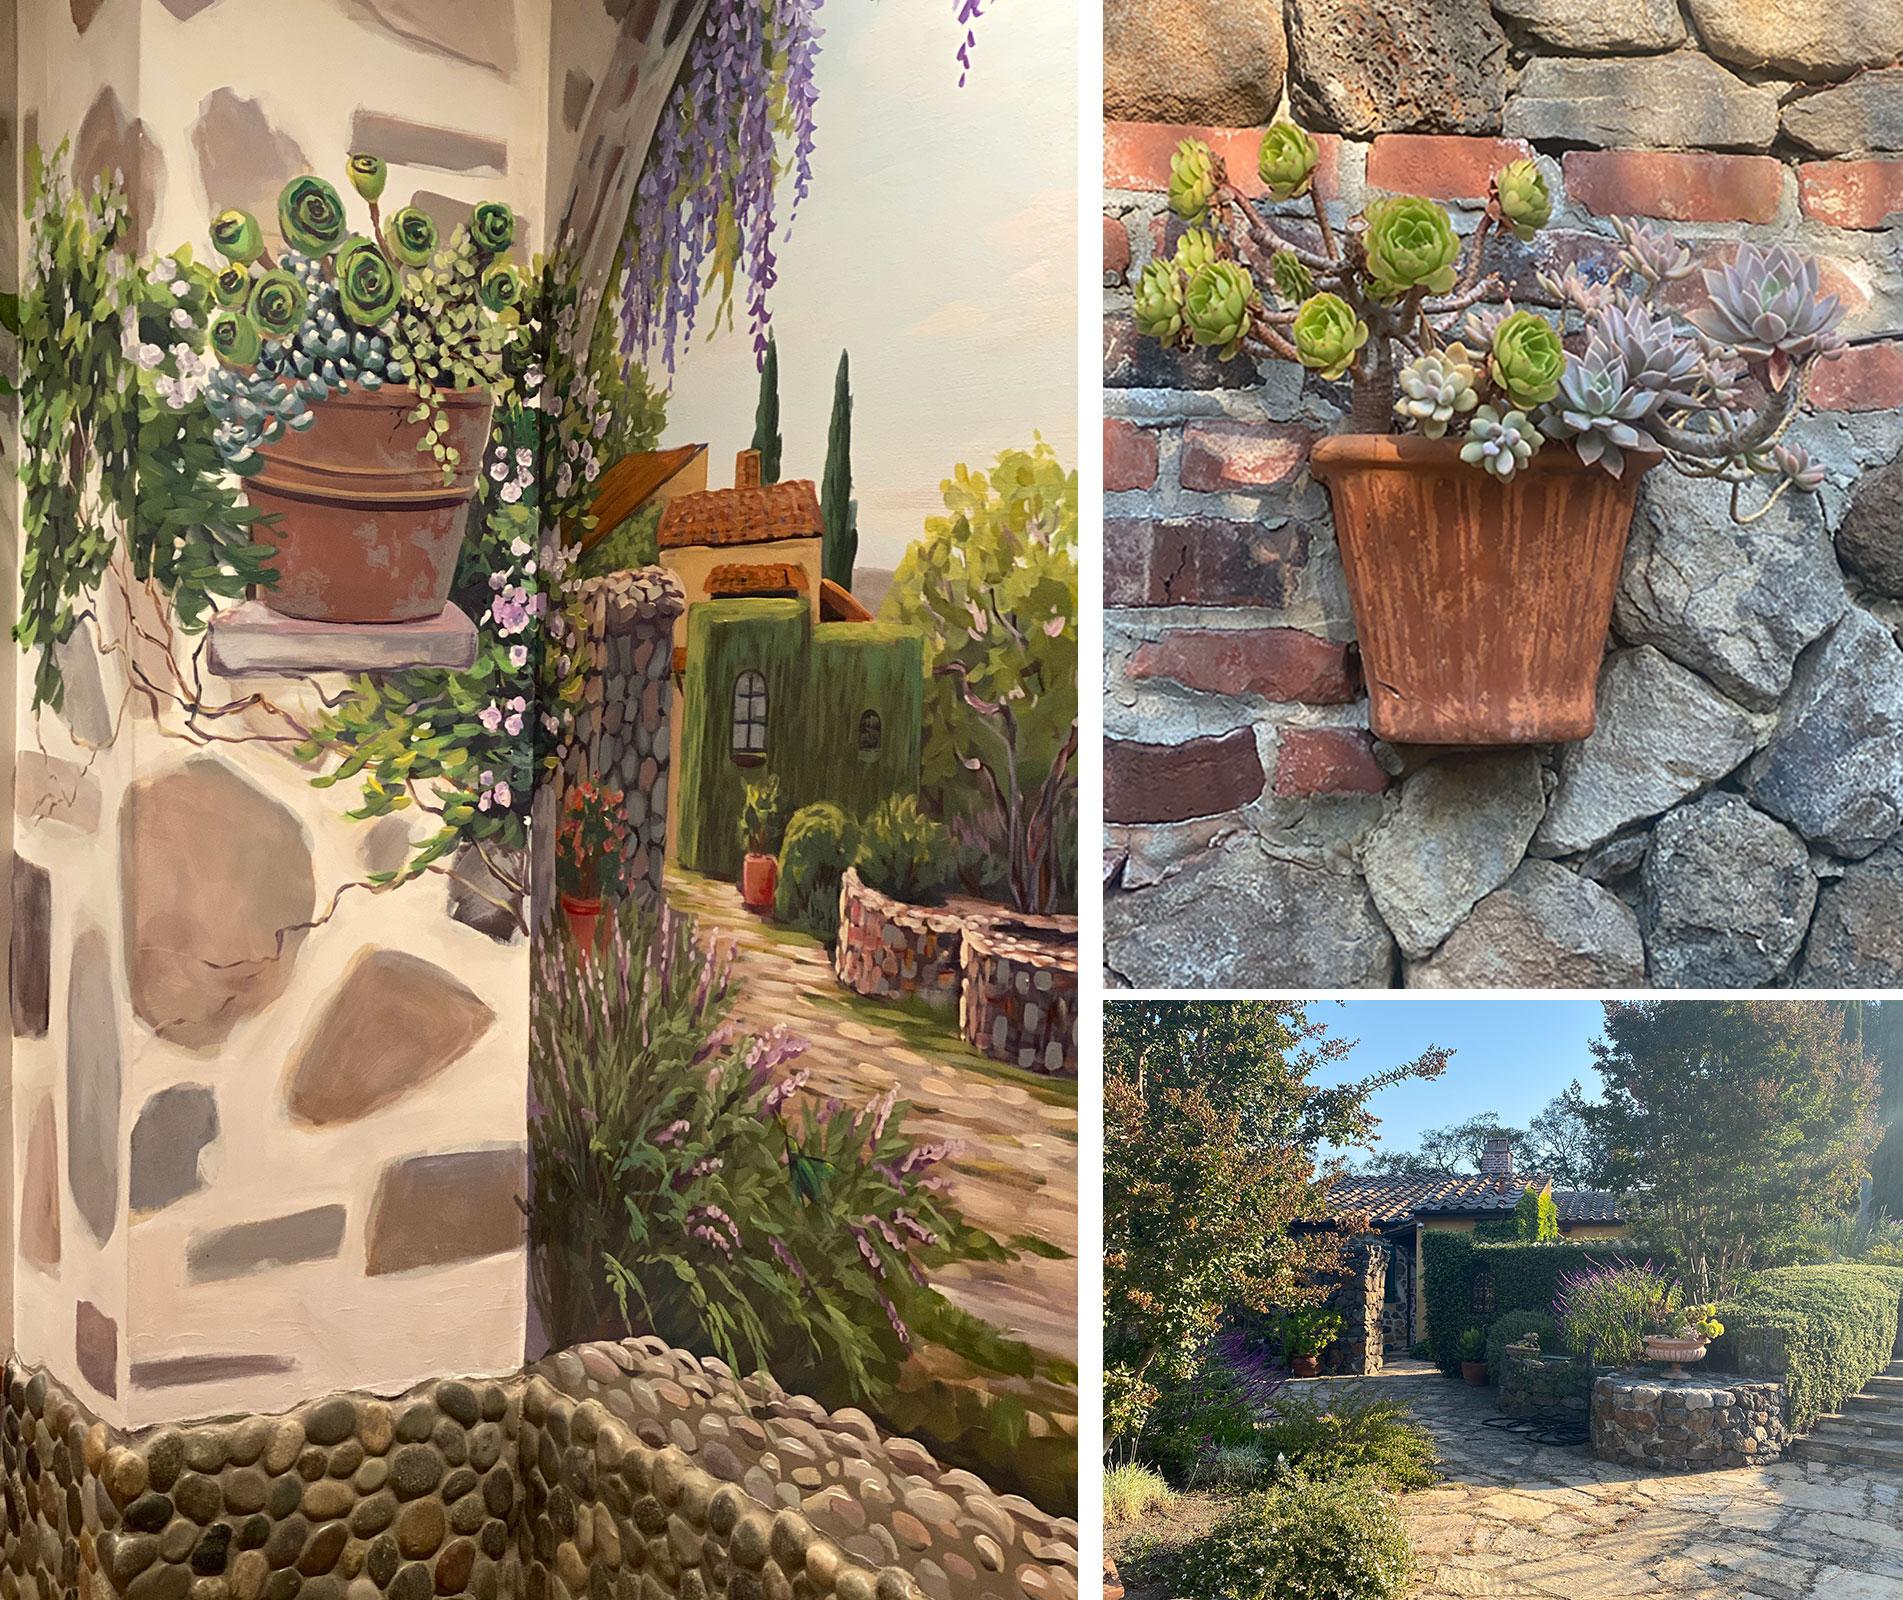 Indoor Succulent Garden Mural for House Wall